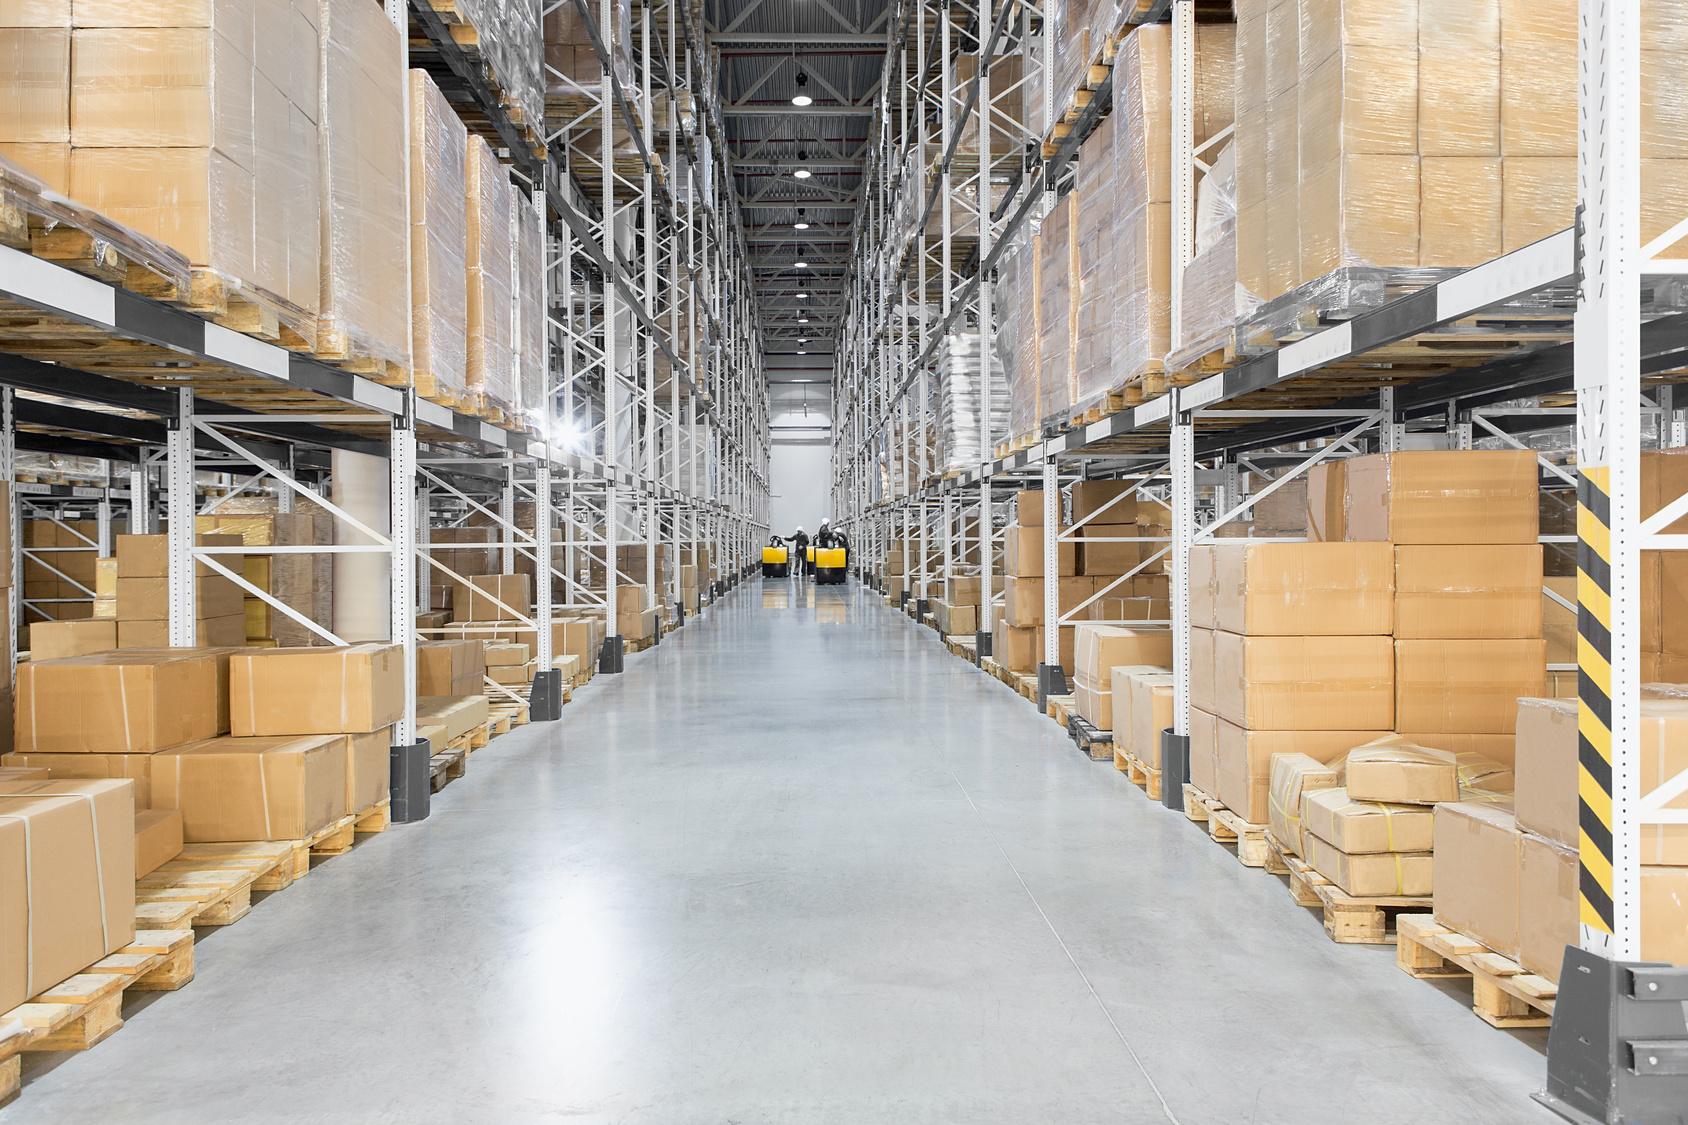 Система вентиляции в складских помещениях